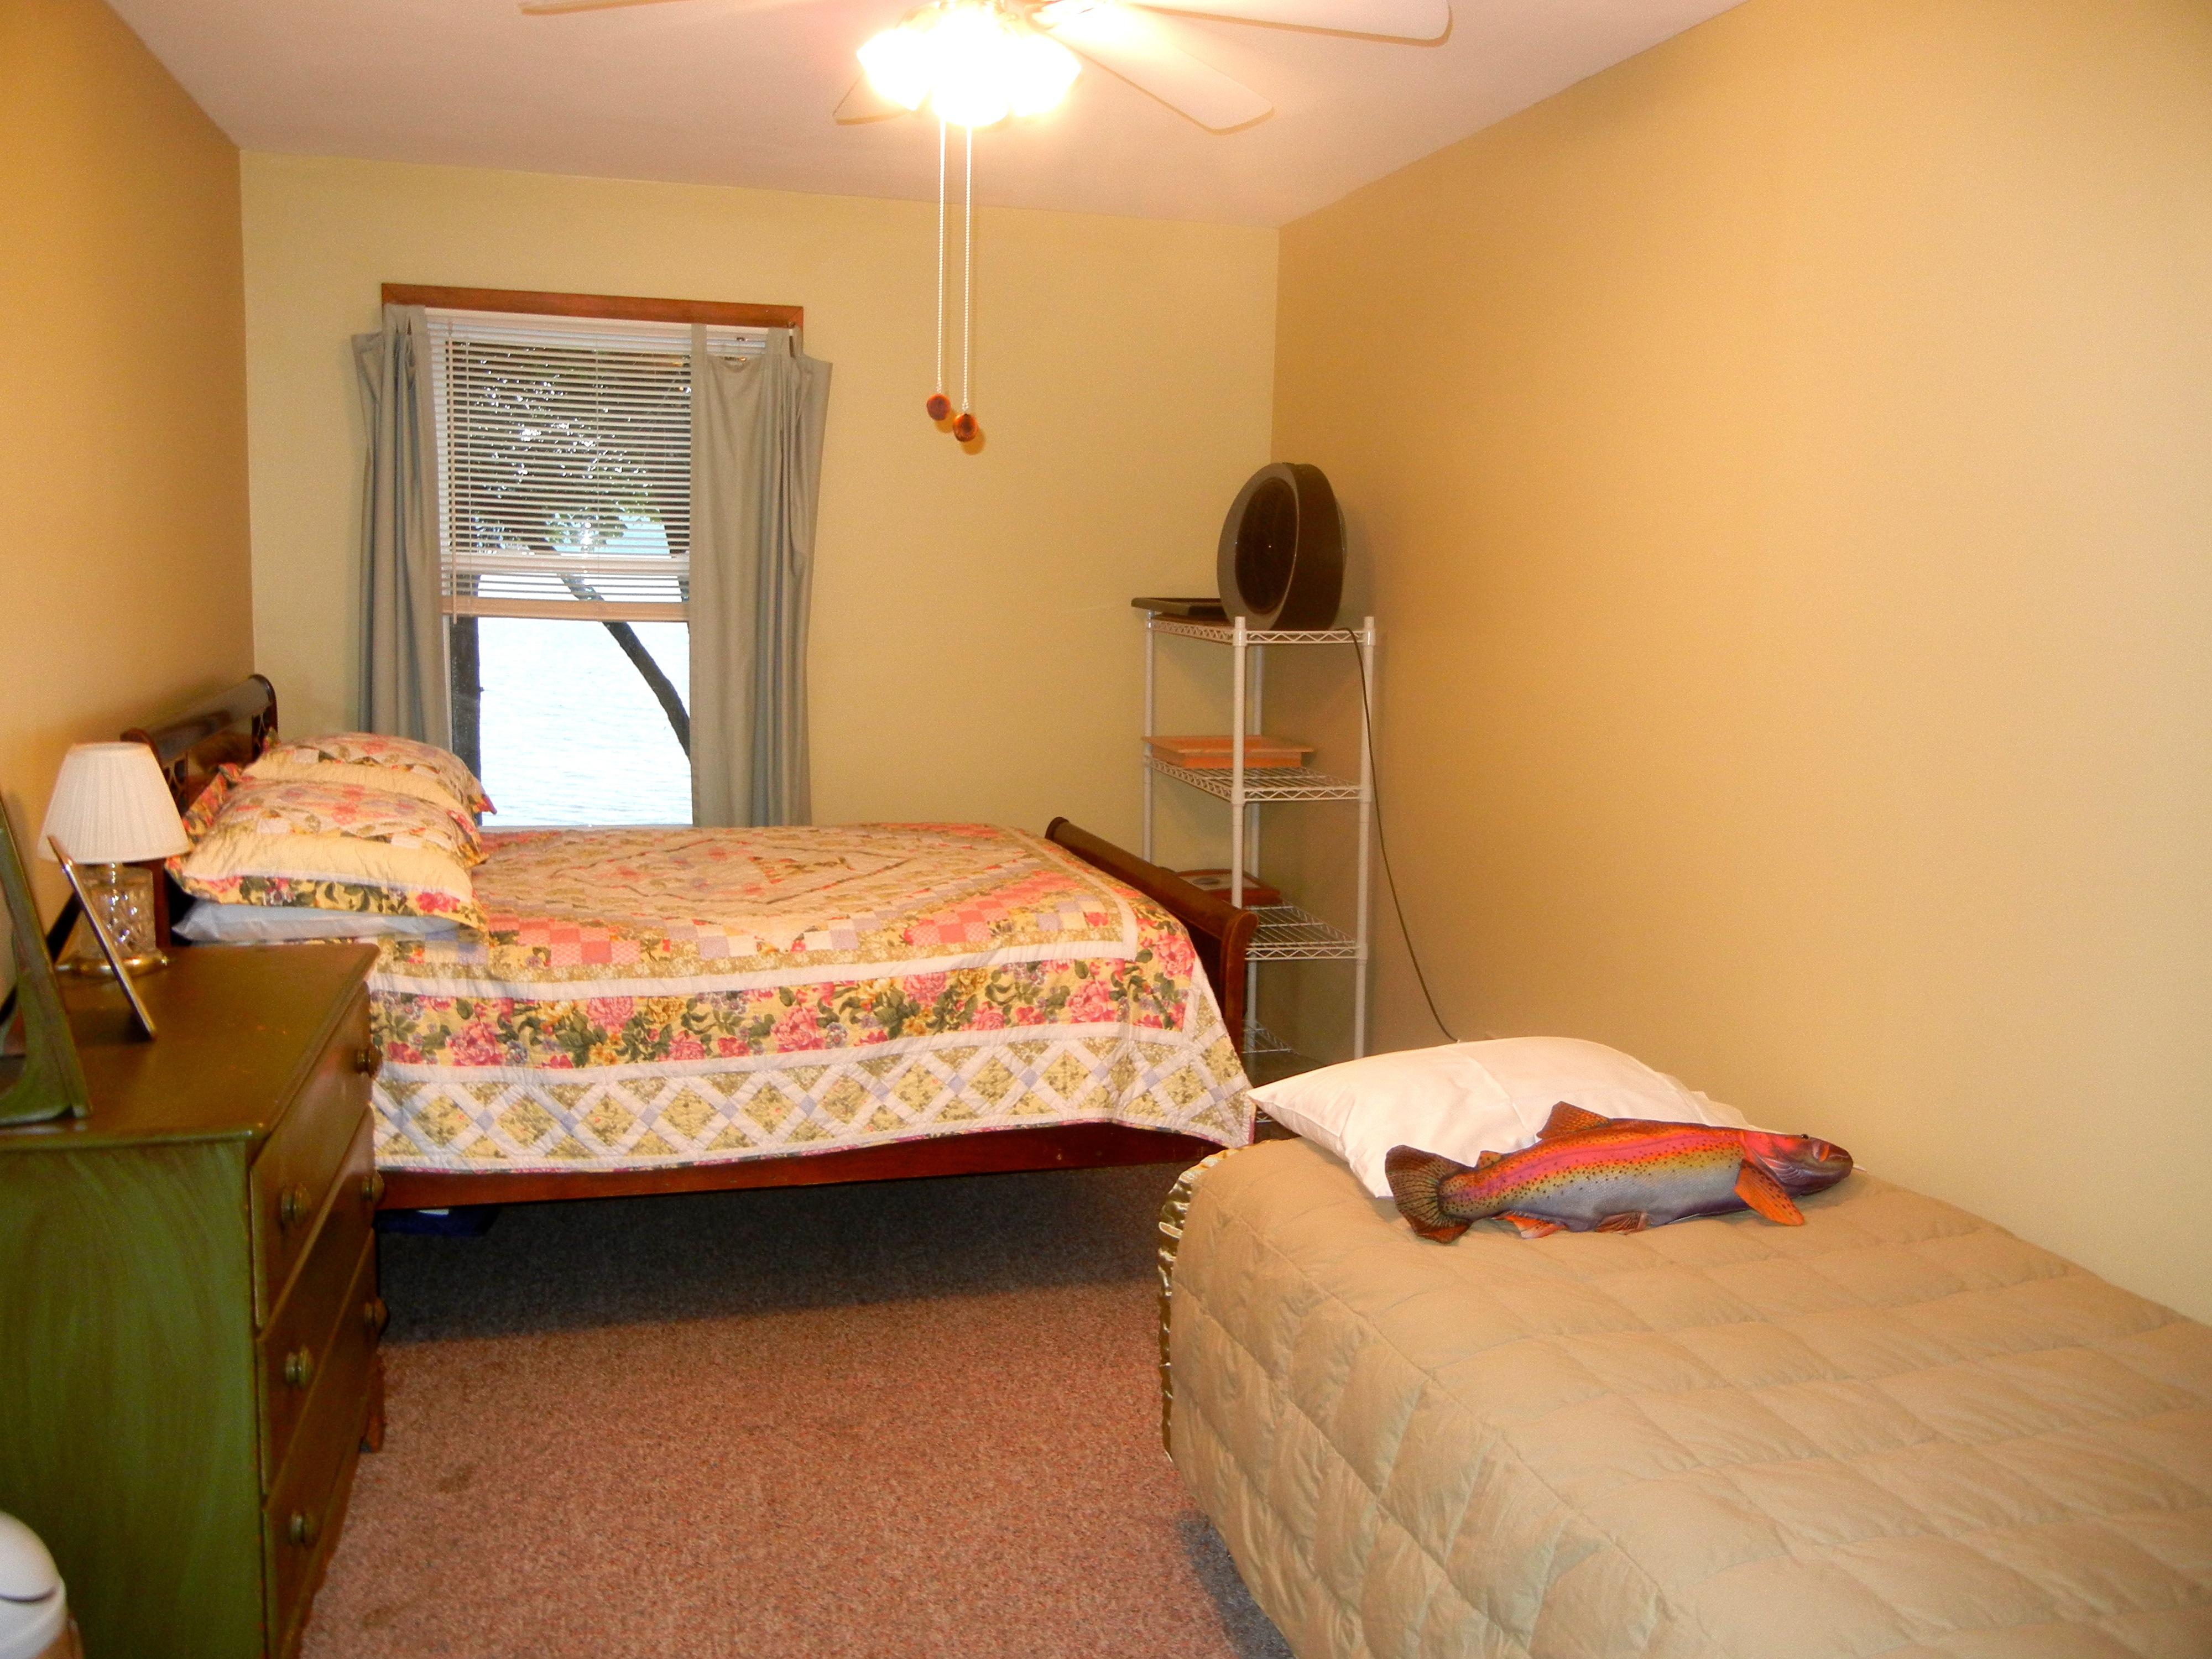 https://0201.nccdn.net/4_2/000/000/038/2d3/bedroom-3-4000x3000.jpg